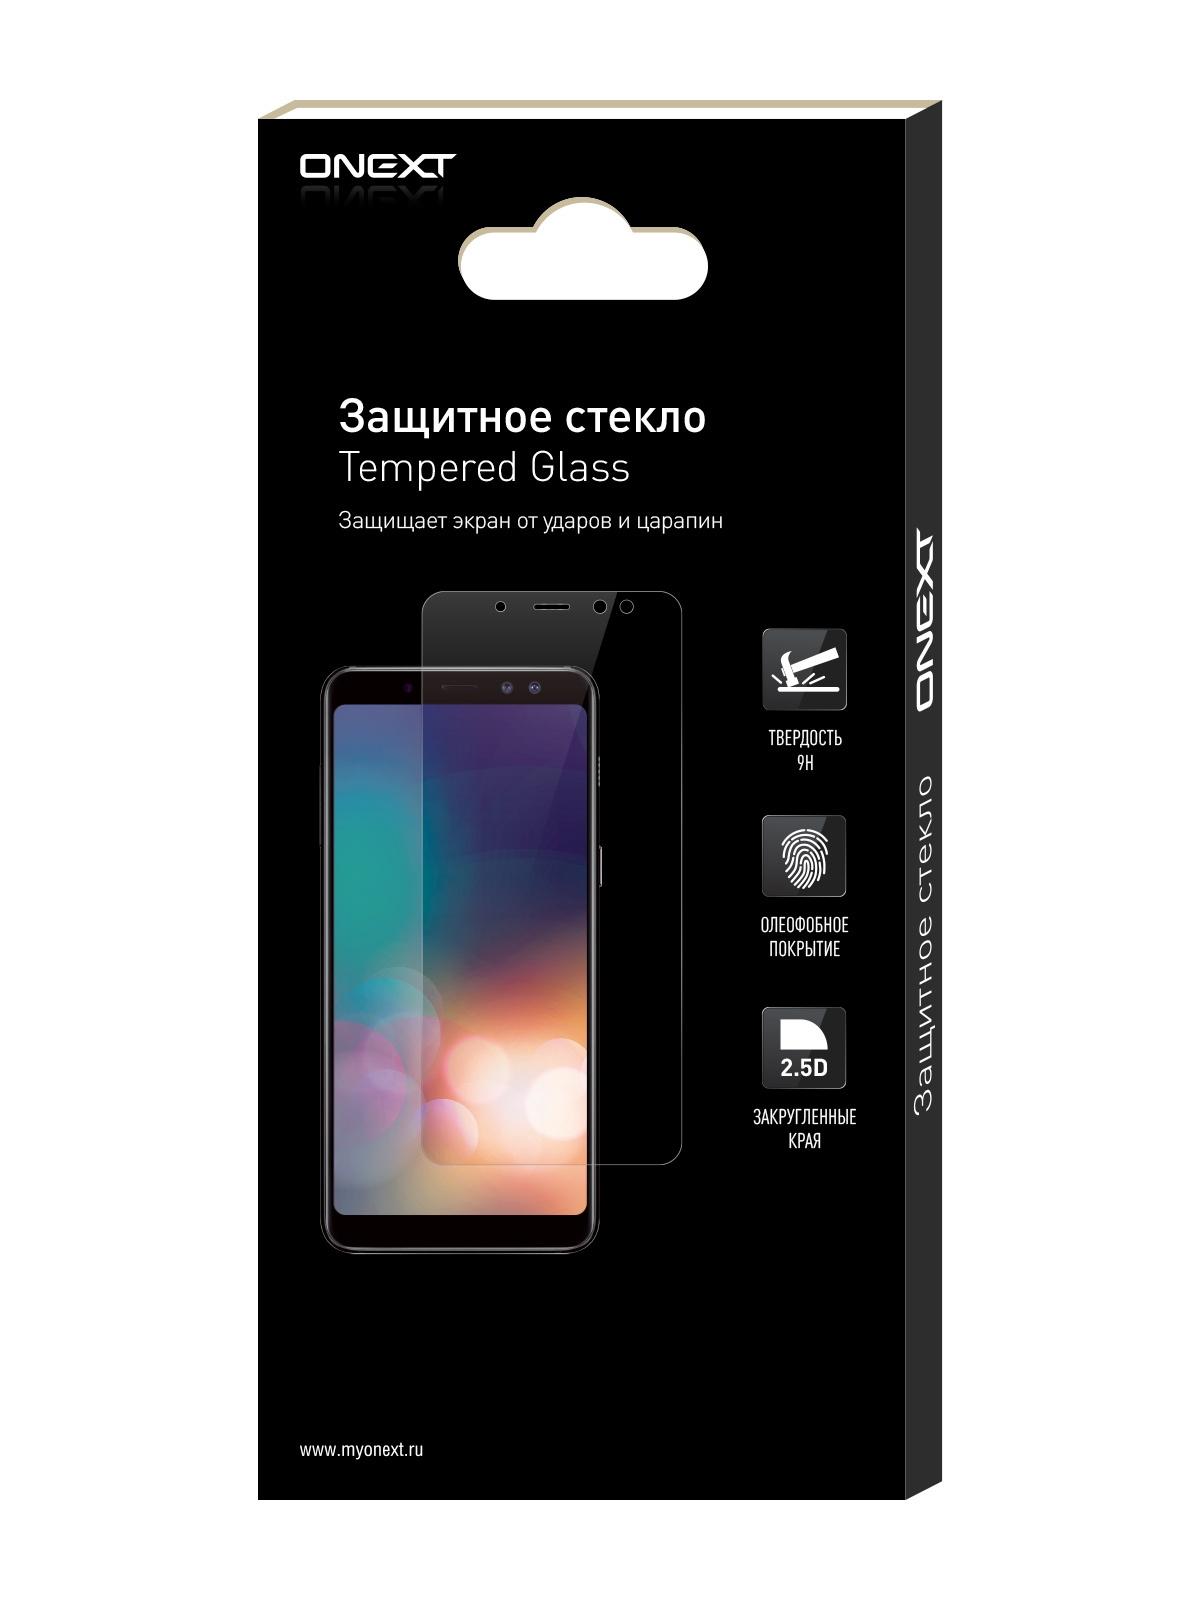 Защитное стекло ONEXT Samsung Galaxy J5 2017